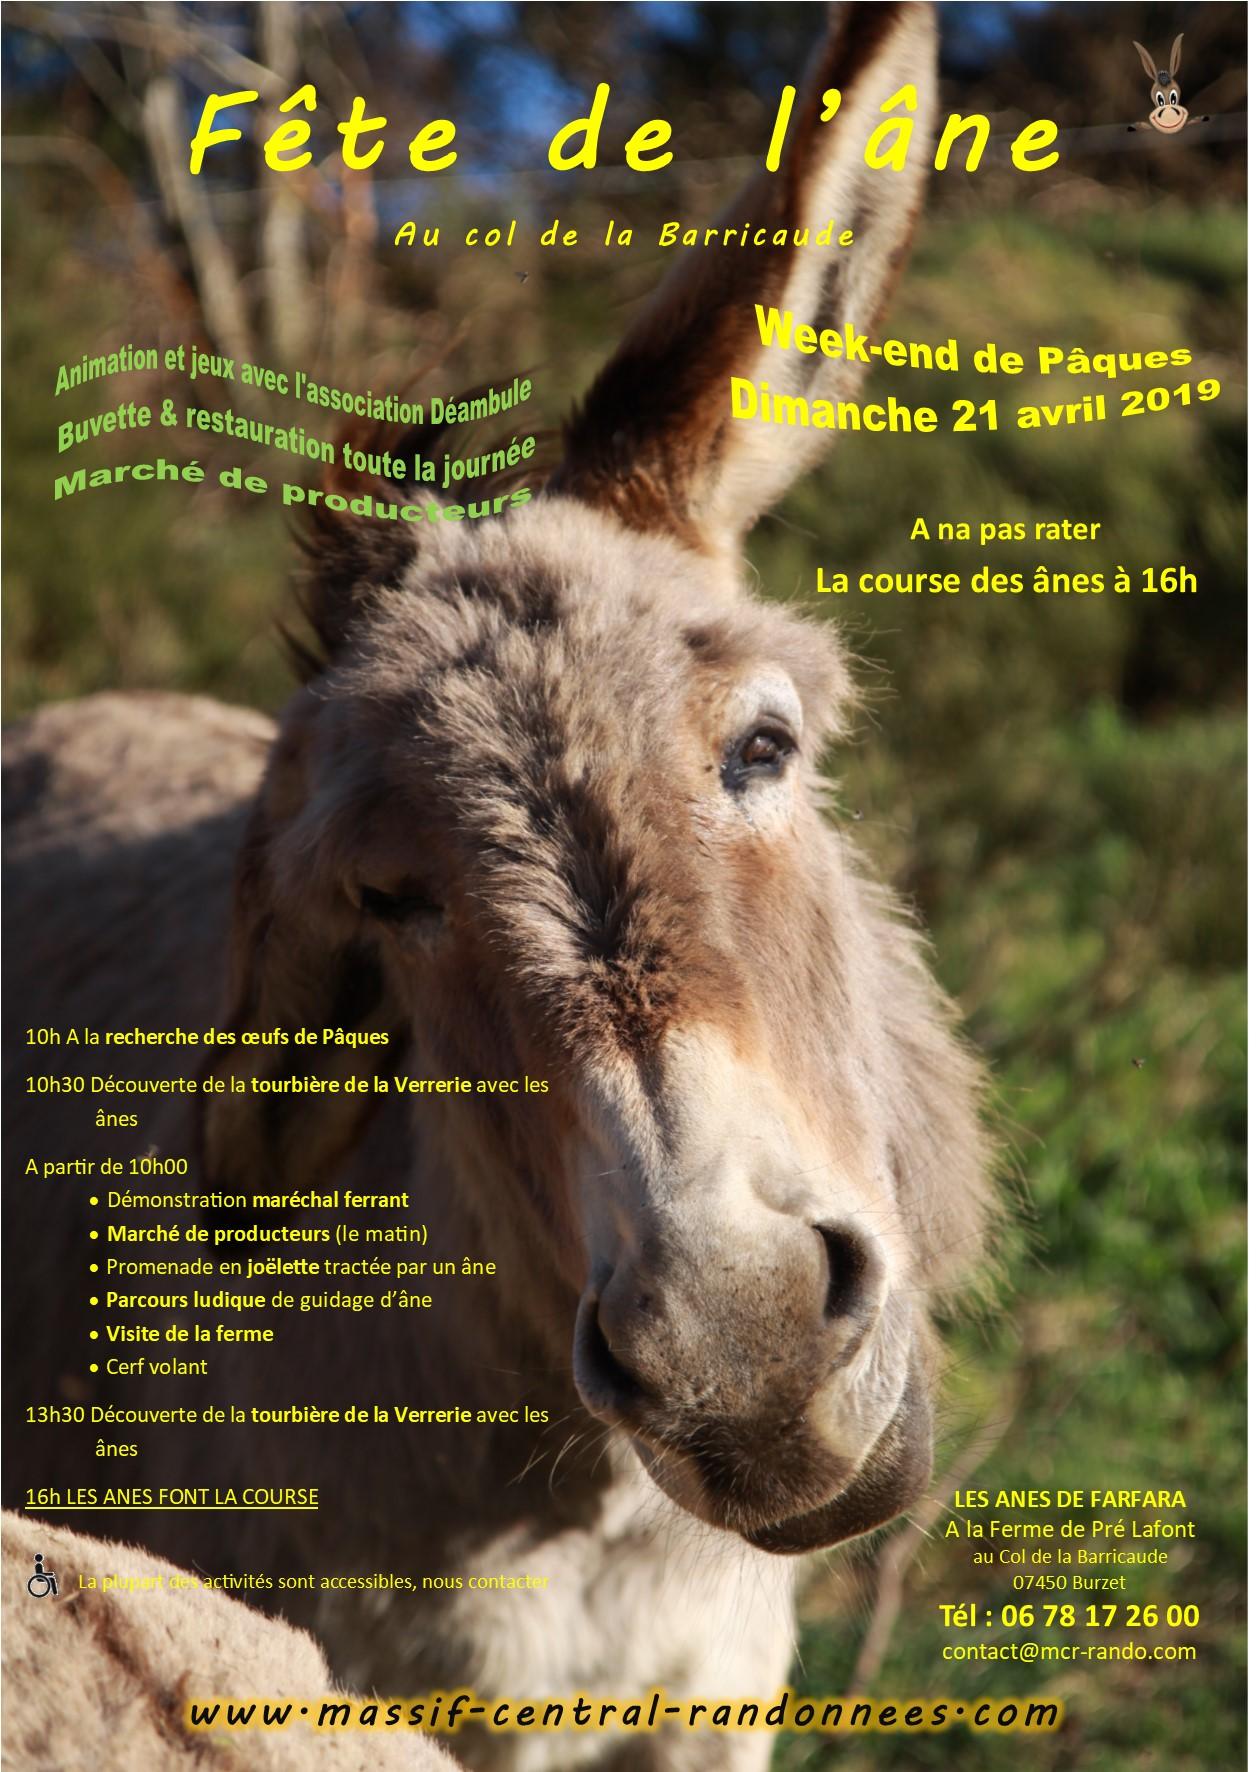 3e Fête de l'âne de randonnée dans les monts d'Ardèche